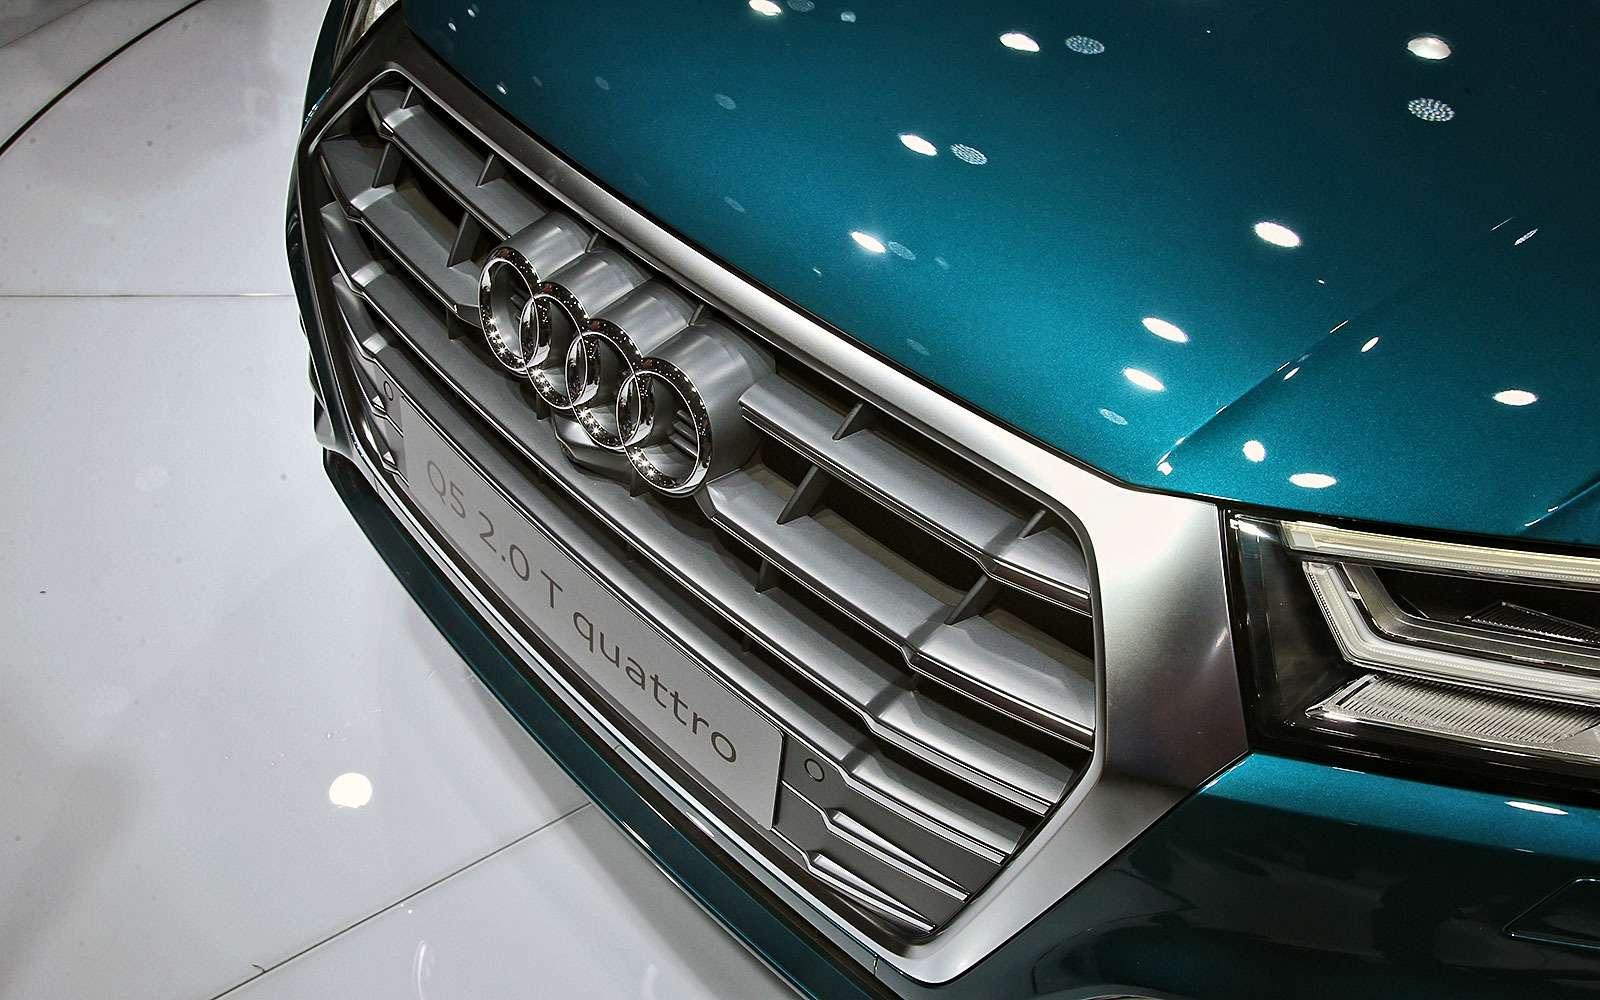 Младший брат: новый Audi Q5начал принимать комплименты— фото 641857